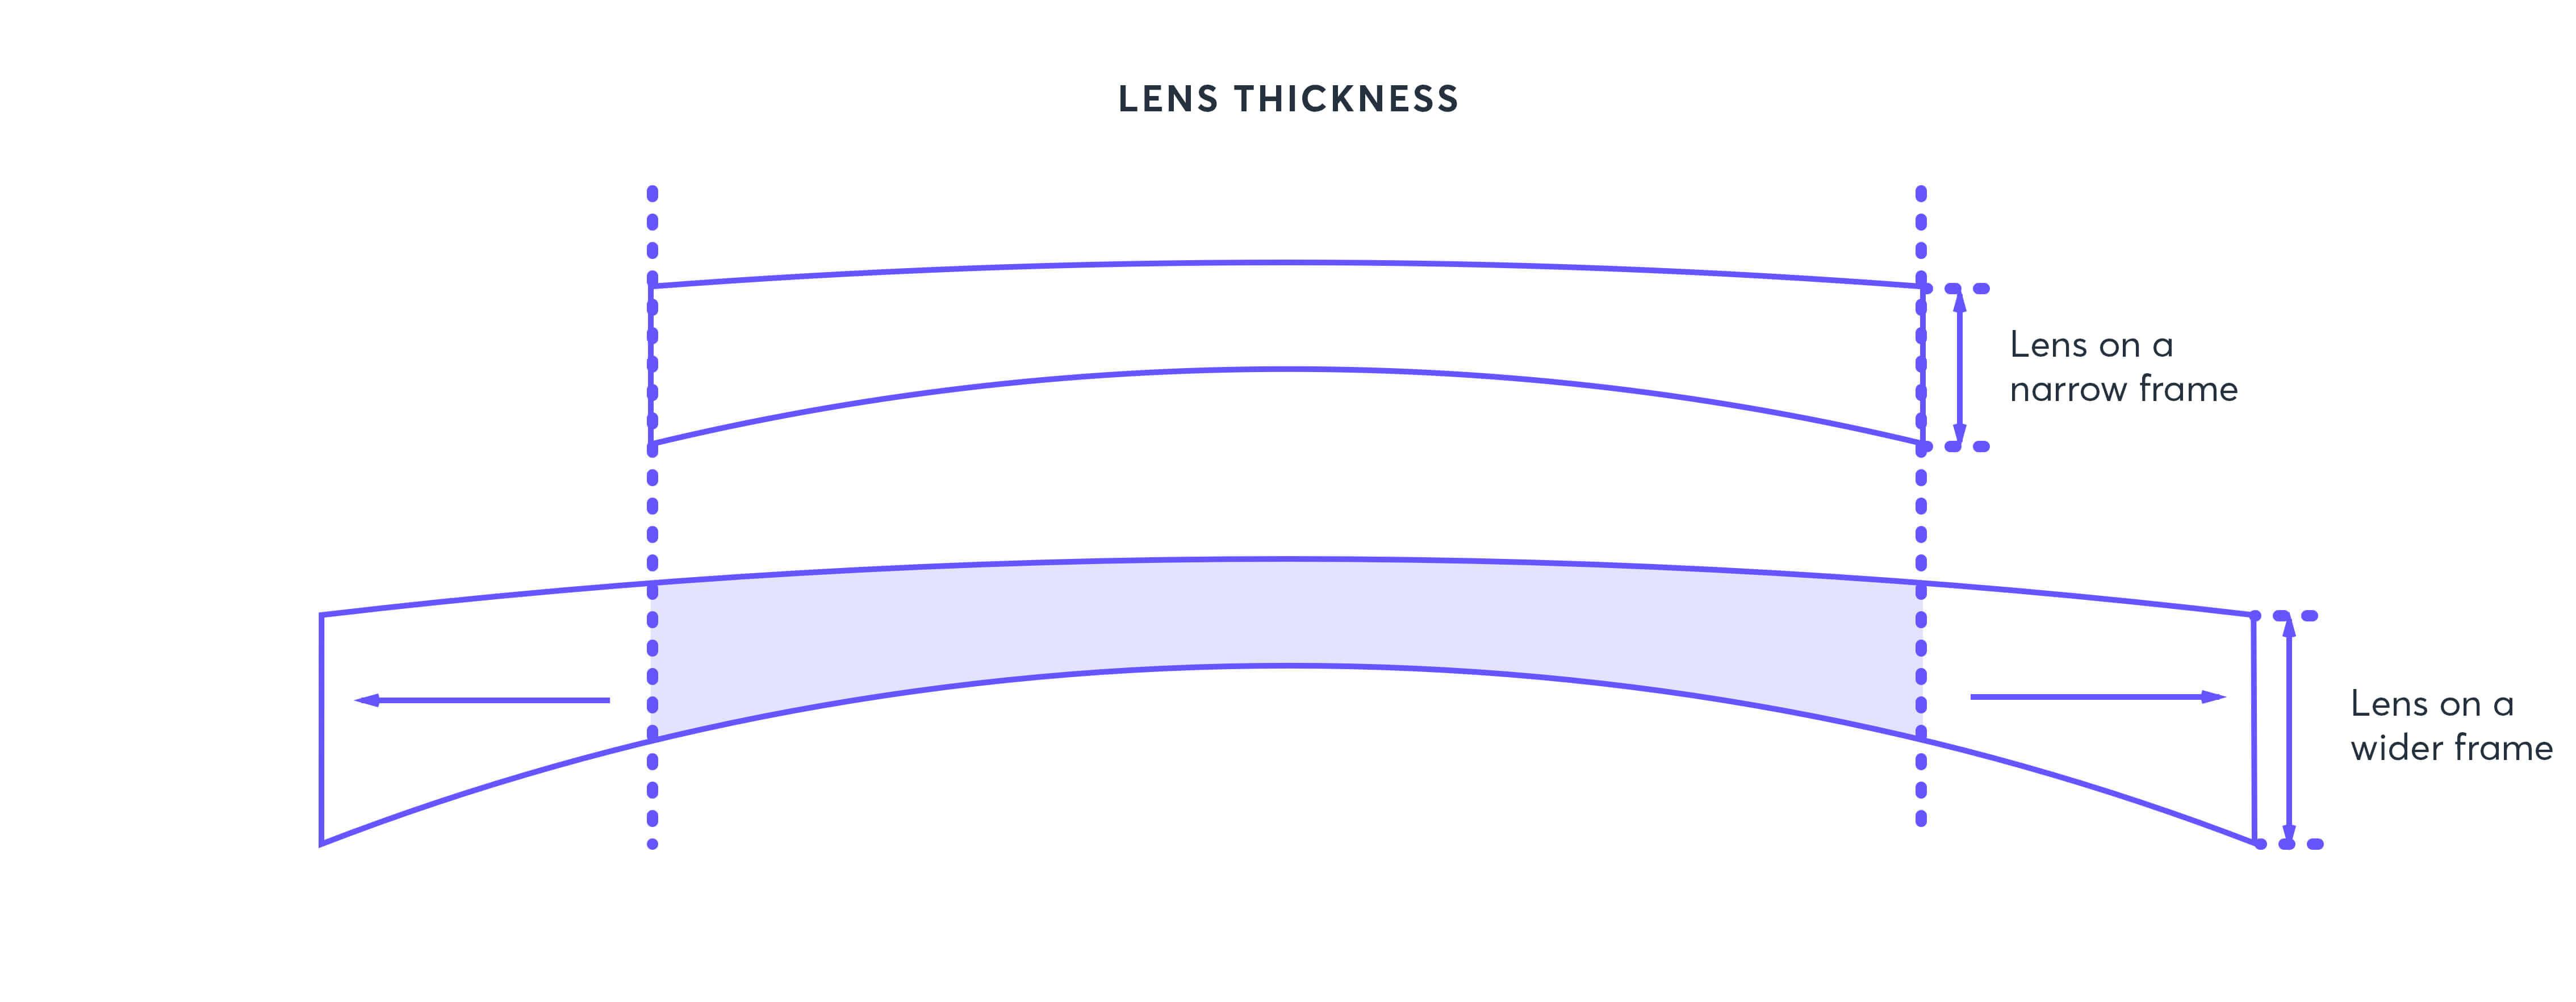 5b80719b335cff35b7ec2e4e_lens-thickness